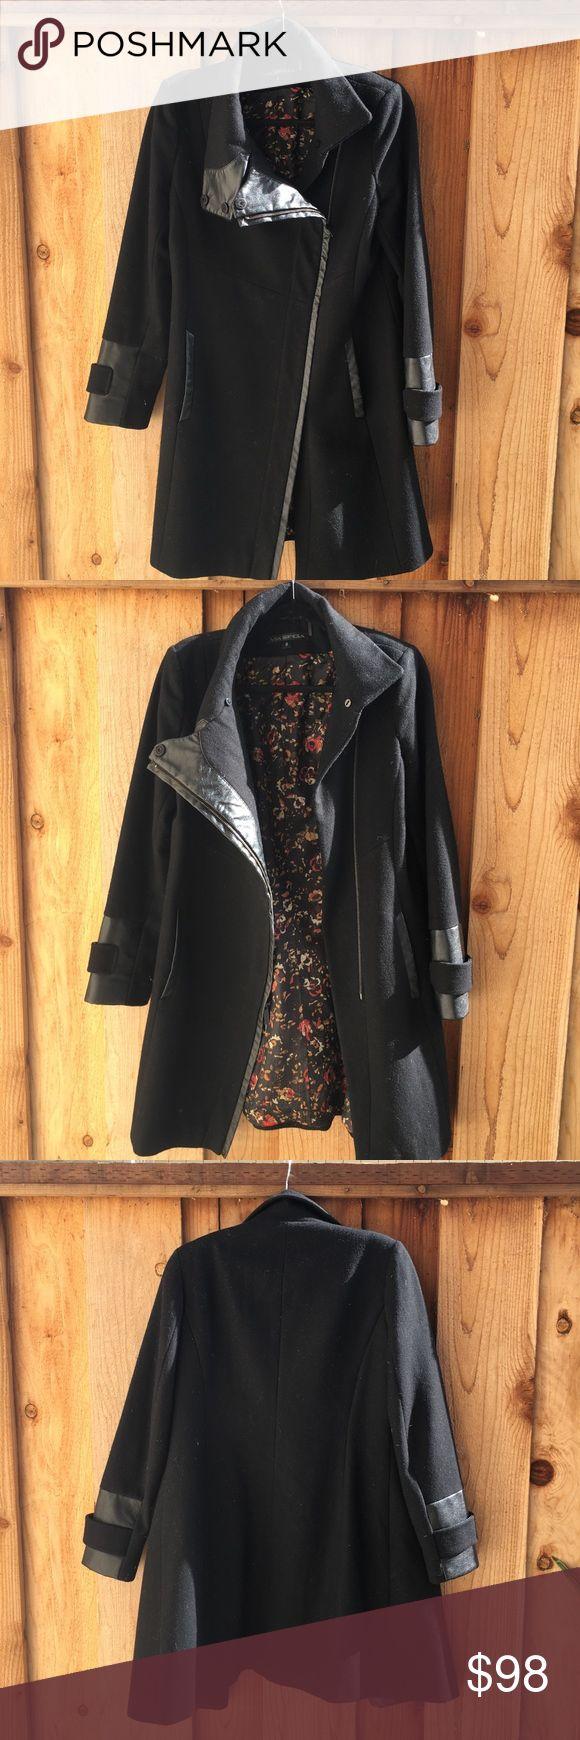 Via Spiga Leather Trim Black Pea Coat Super cute leather trim, black peacoat with rose inner lining- fur neck trim available Via Spiga Jackets & Coats Pea Coats